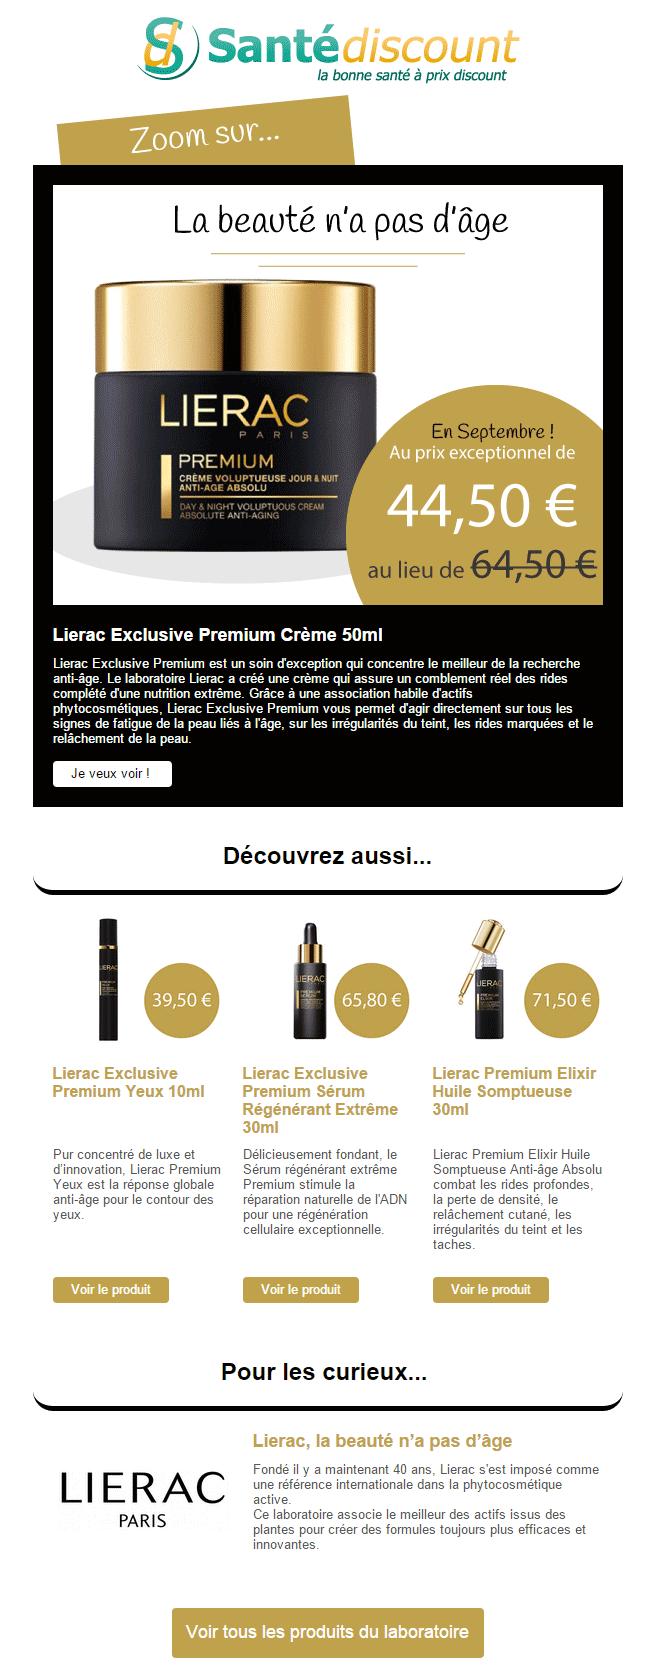 Zoom sur la crème Lierac Exclusive Premium